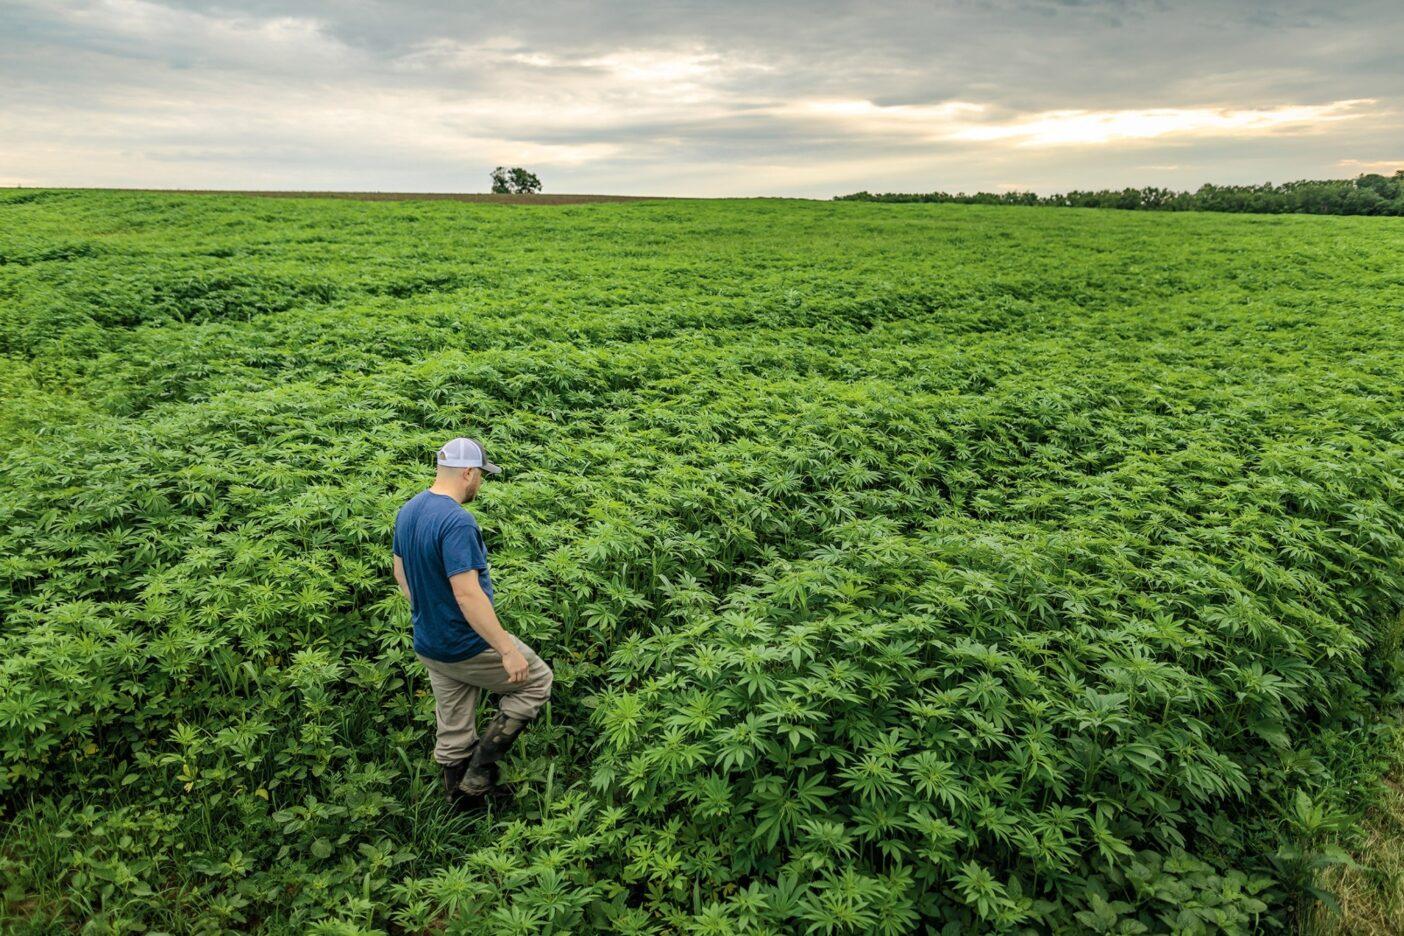 我々の初めての米国産ヘンプの収穫をチェックするレーン・バトラー。2019年の夏にタネを撒き、灌漑や合成肥料を全く使用していない。数週間後には、彼の背丈を超える高さまで作物が育った。ケンタッキー州・パリス・バトラー農場 FOREST WOODWARD